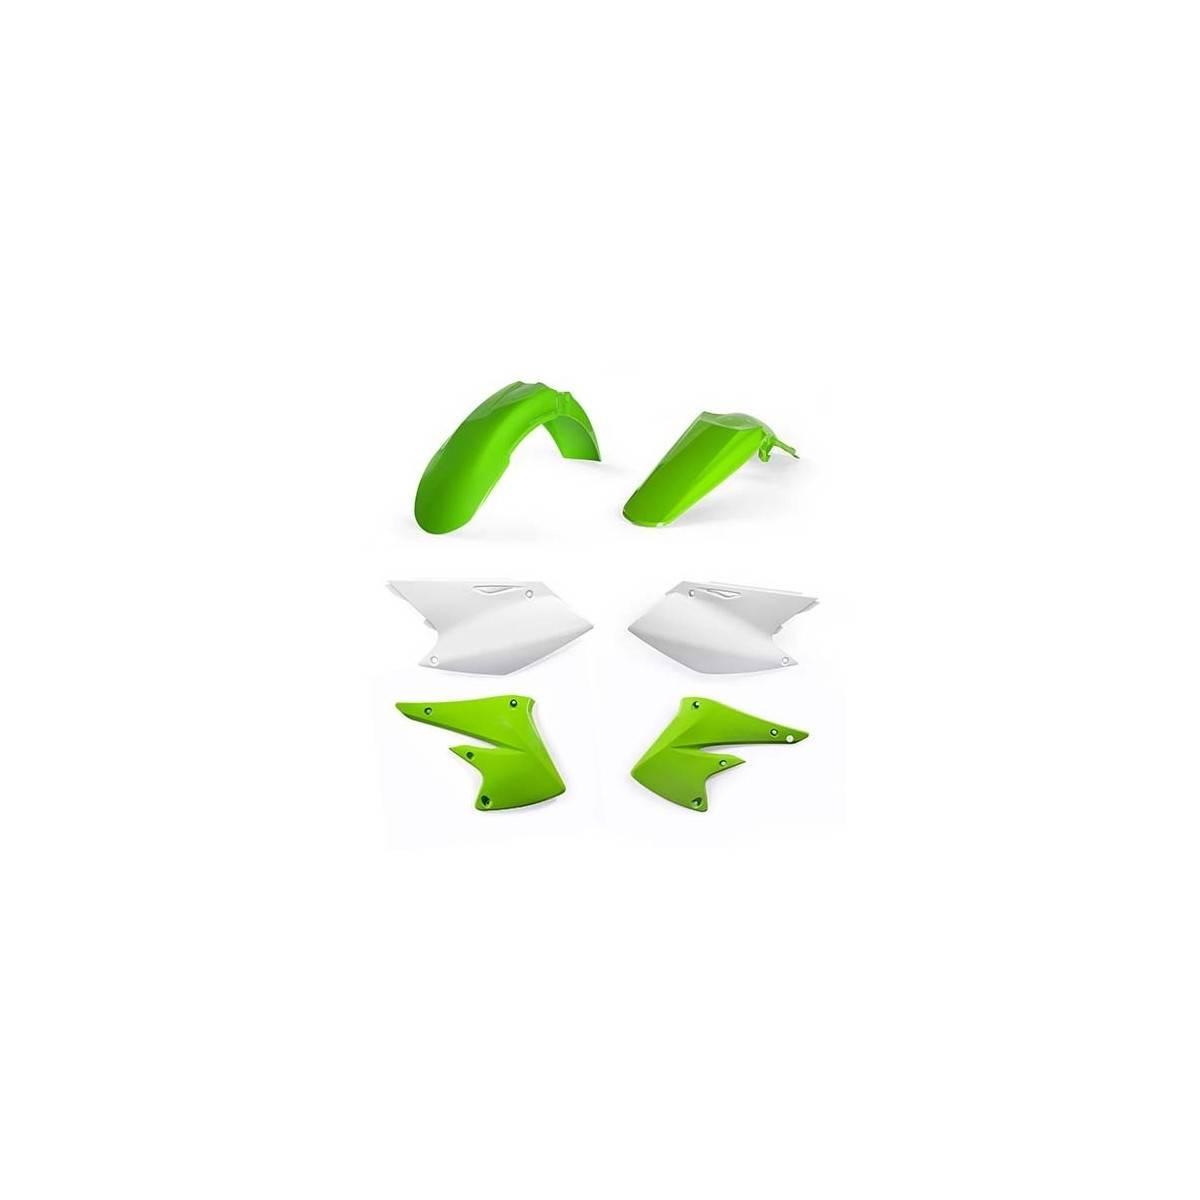 0007453-553 - Kit Plasticos Kxf 250 04 05 Origen